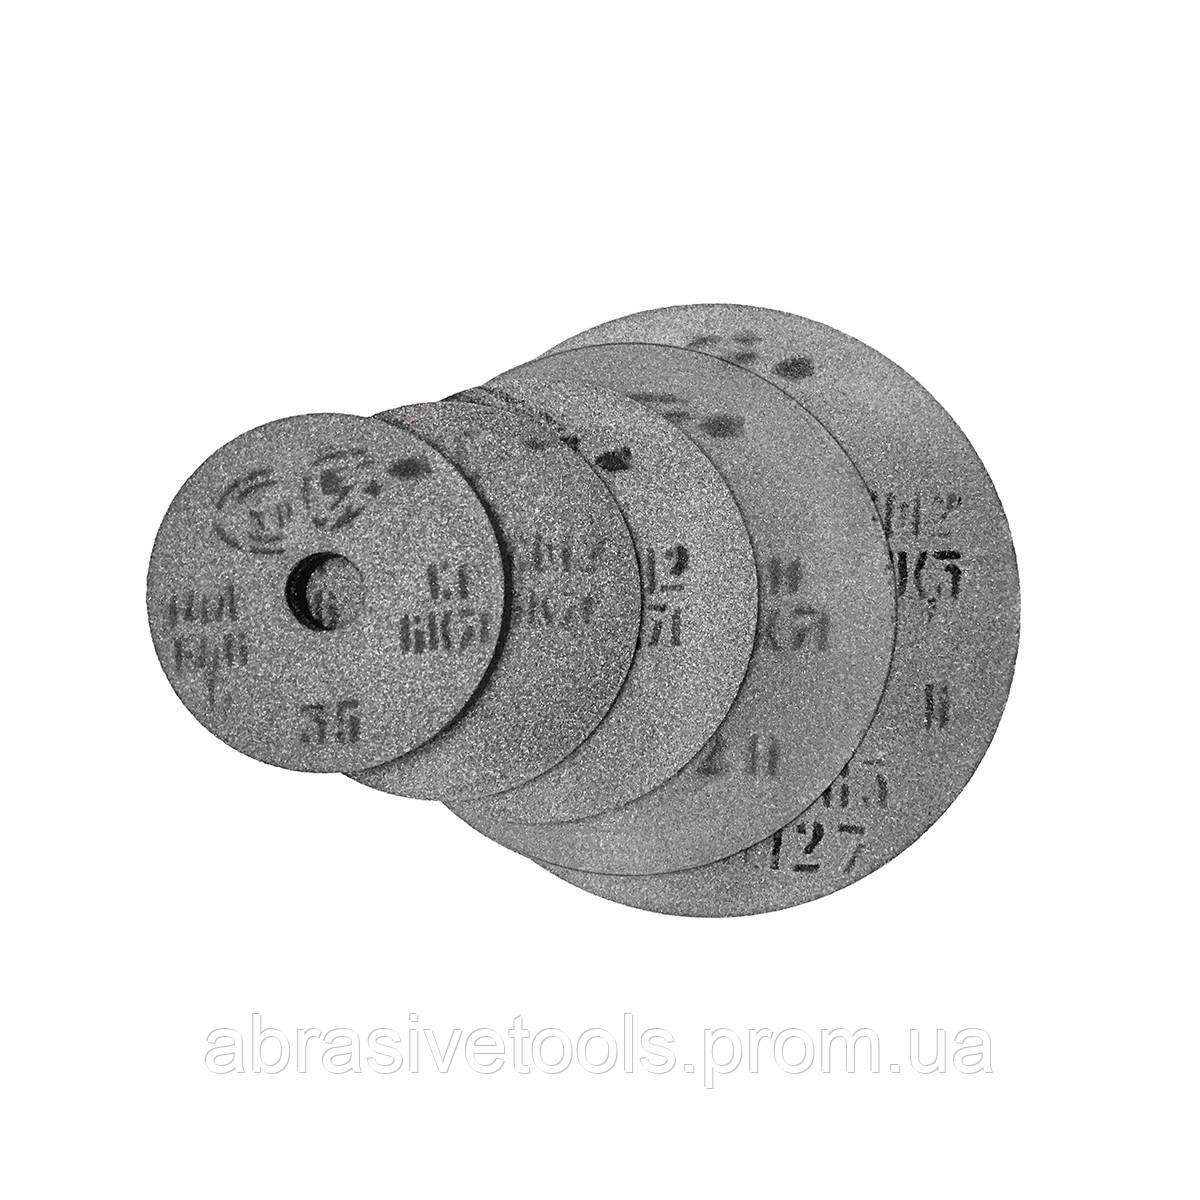 Круг шлифовальный 300х10х127  F46 СМ бакелит